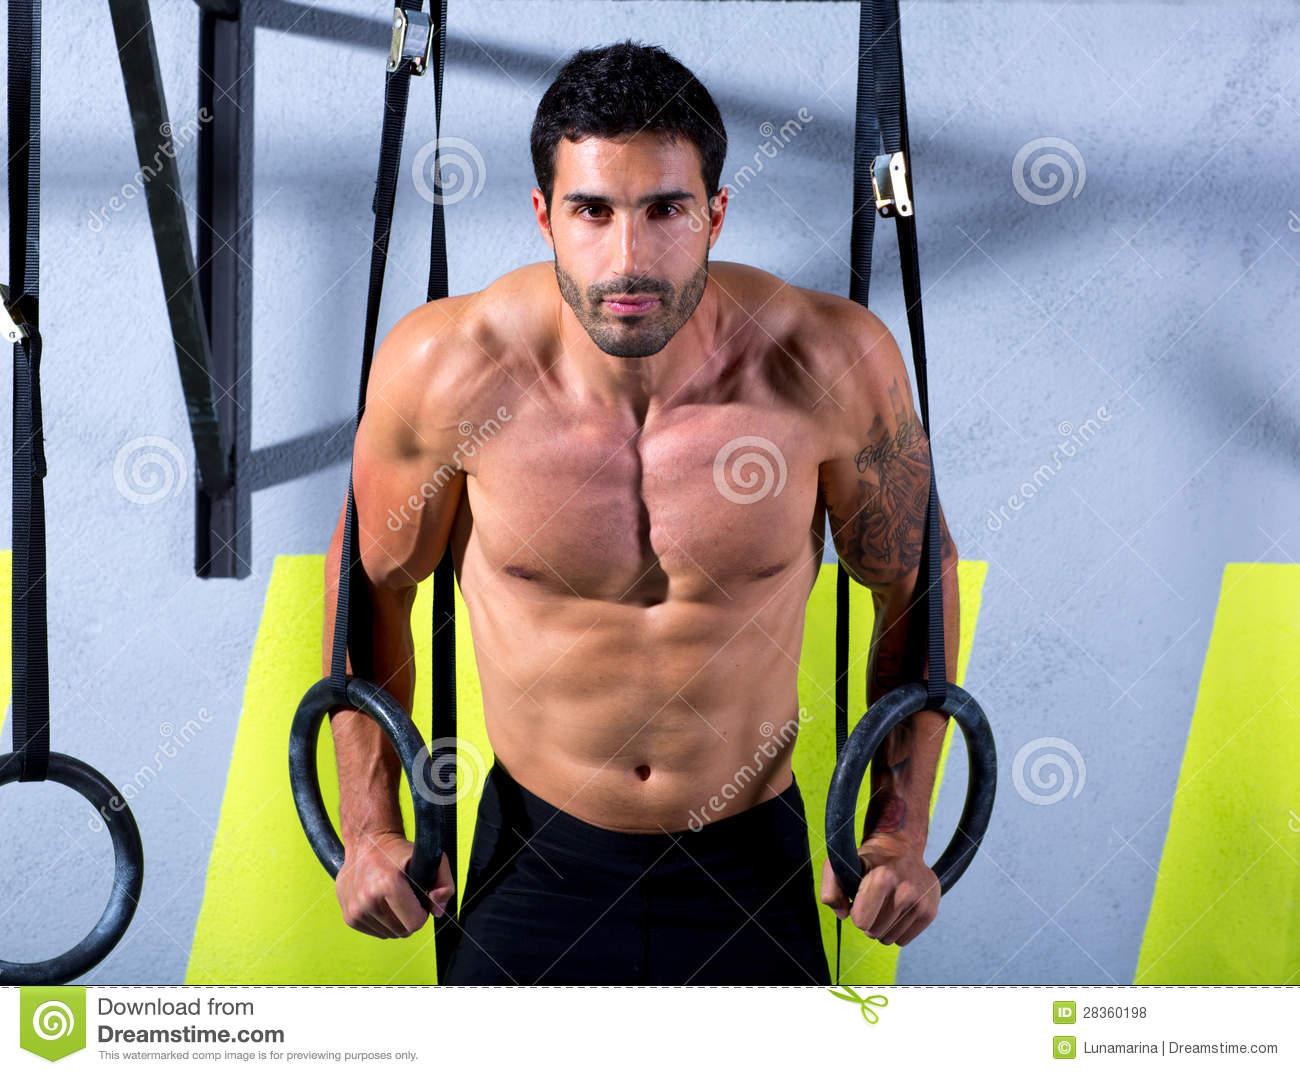 tập cơ bụng săn chắc  với vòng treo Gymnastic Rings